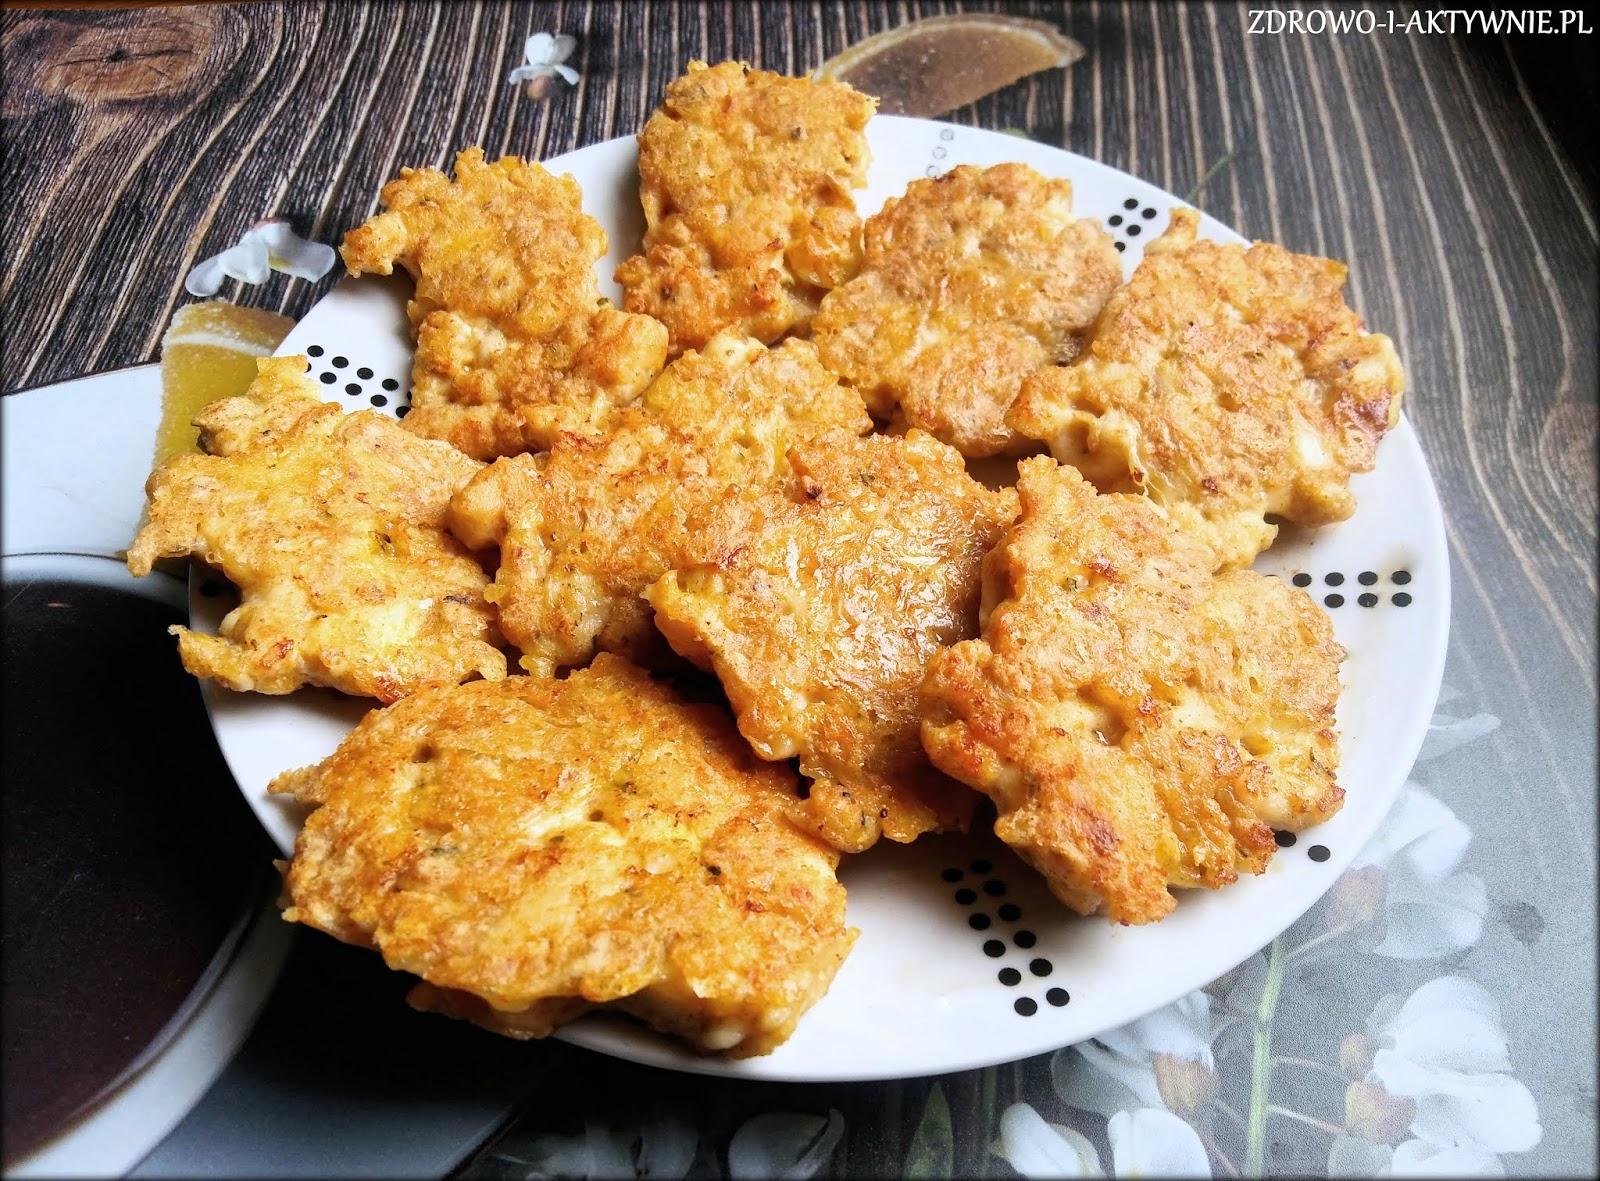 Kotleciki siekane z kurczaka i sera żółtego